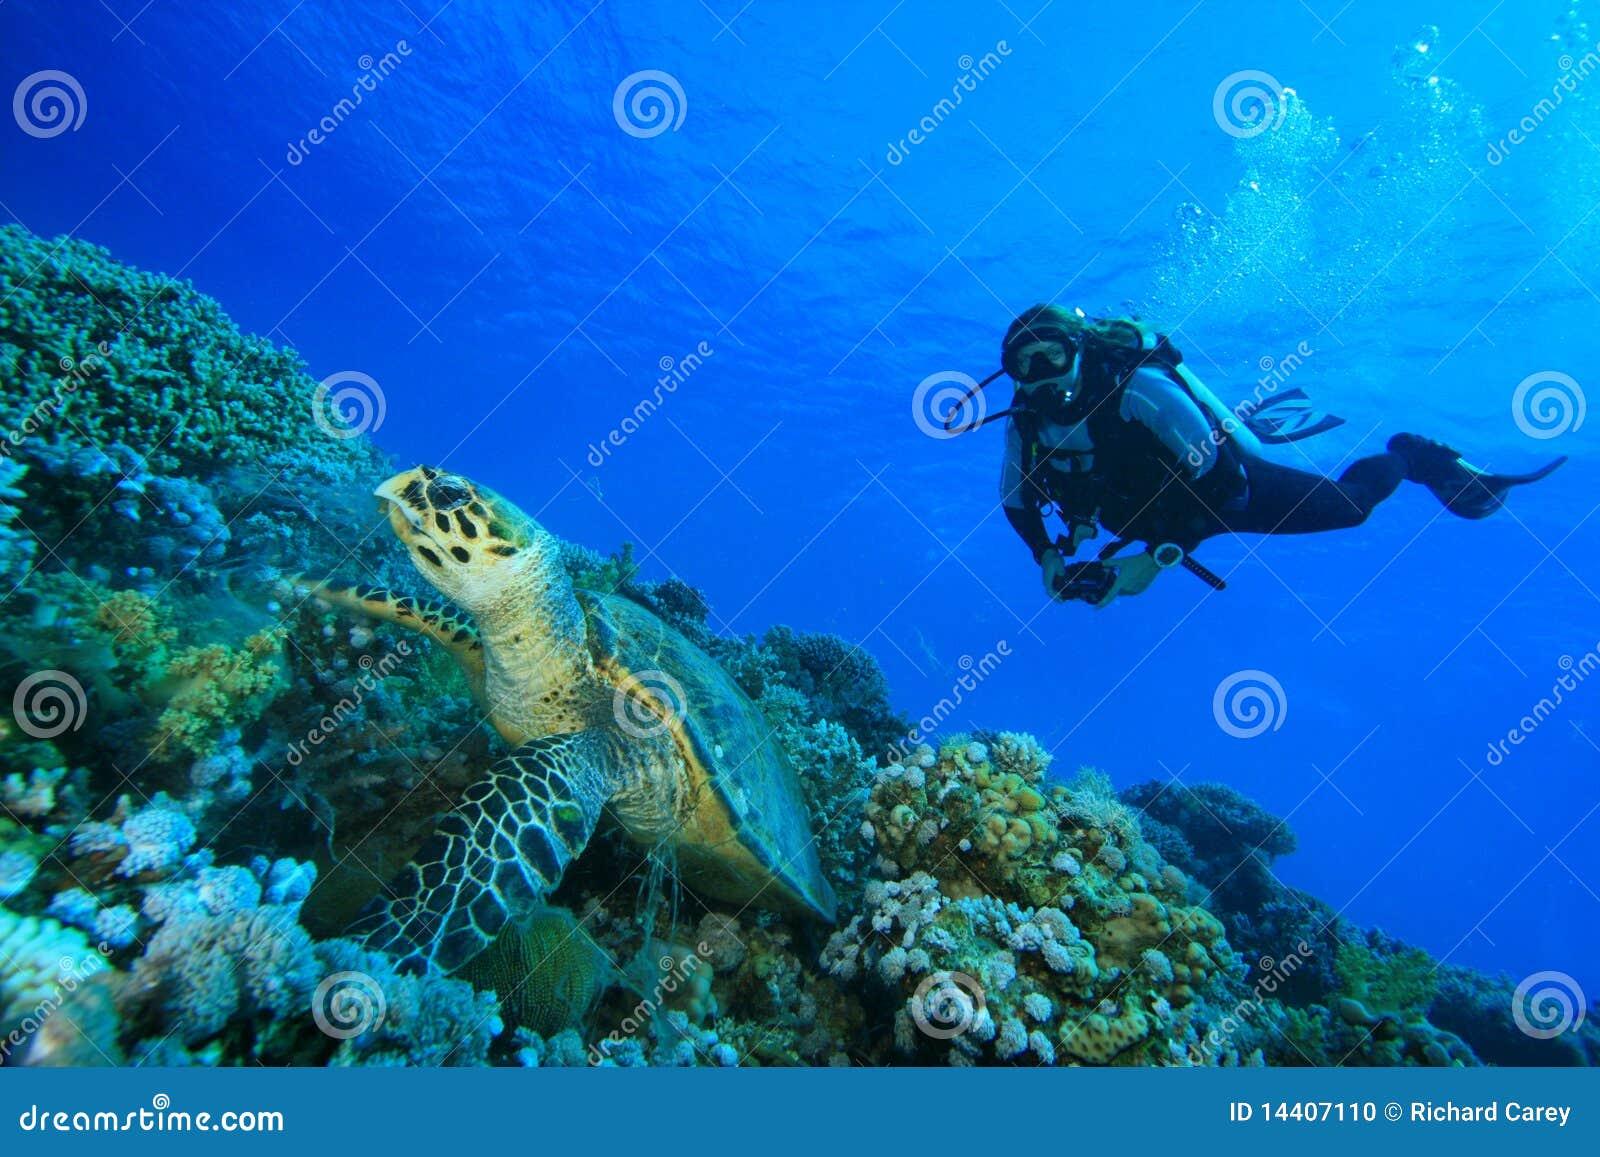 черепаха скуба водолаза